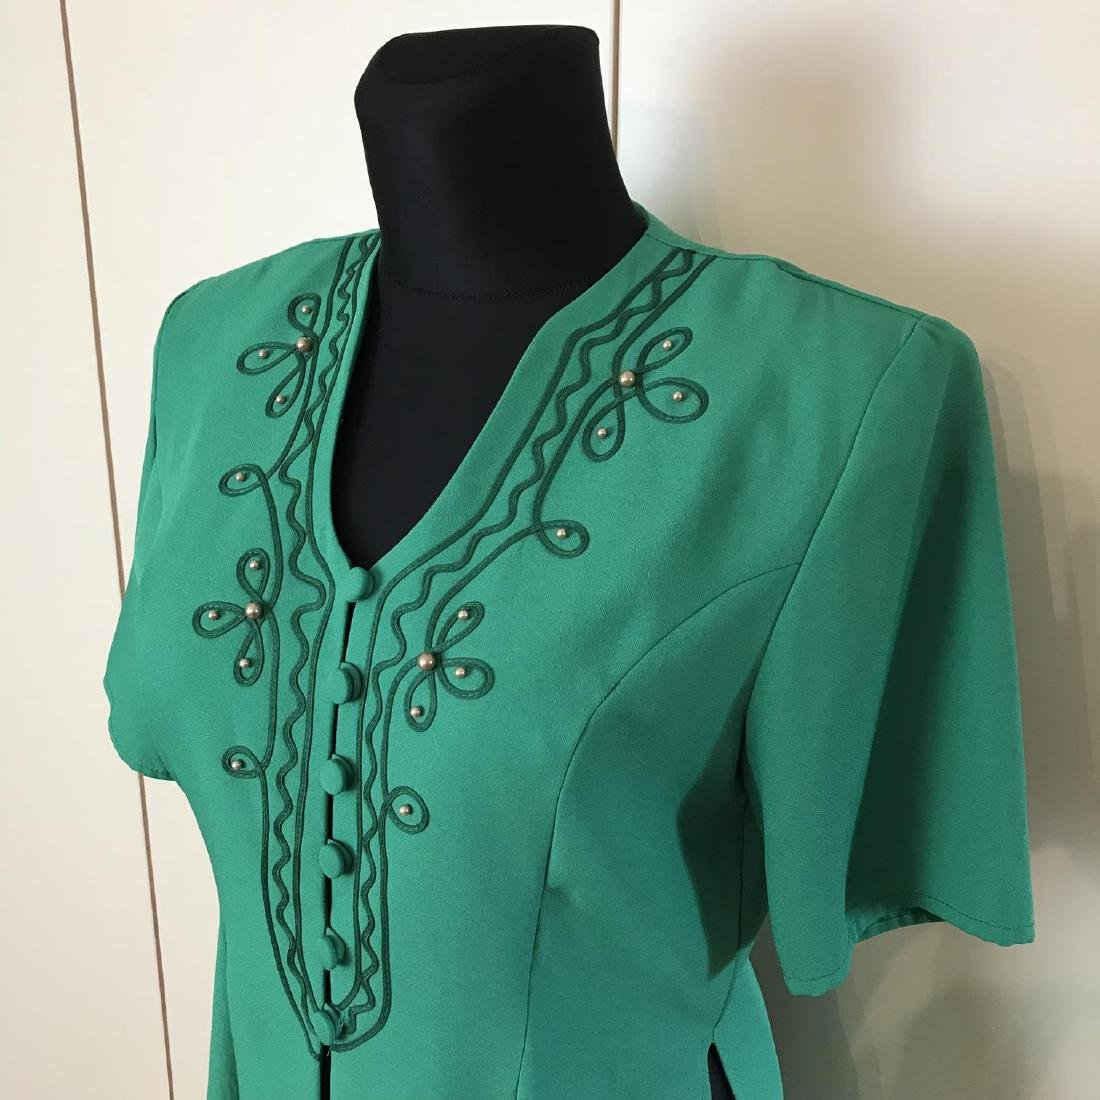 Vintage Women's Blouse Shirt Jacket Size US 12 UK 16 - 2